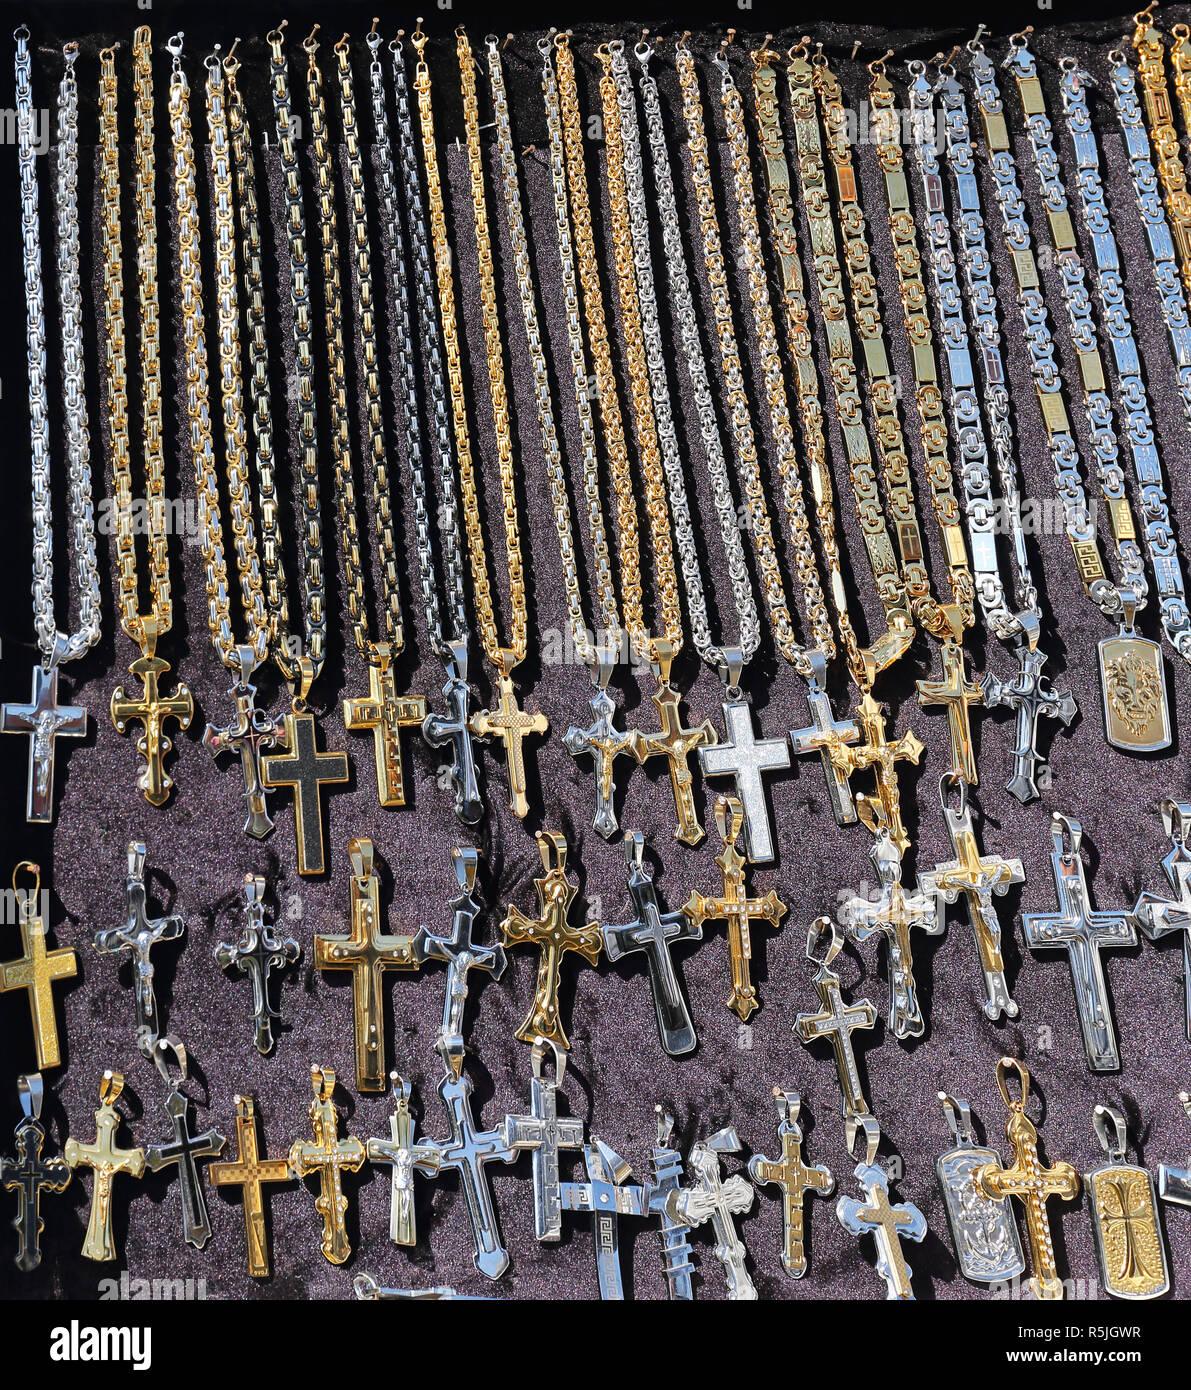 Cross Pendants - Stock Image